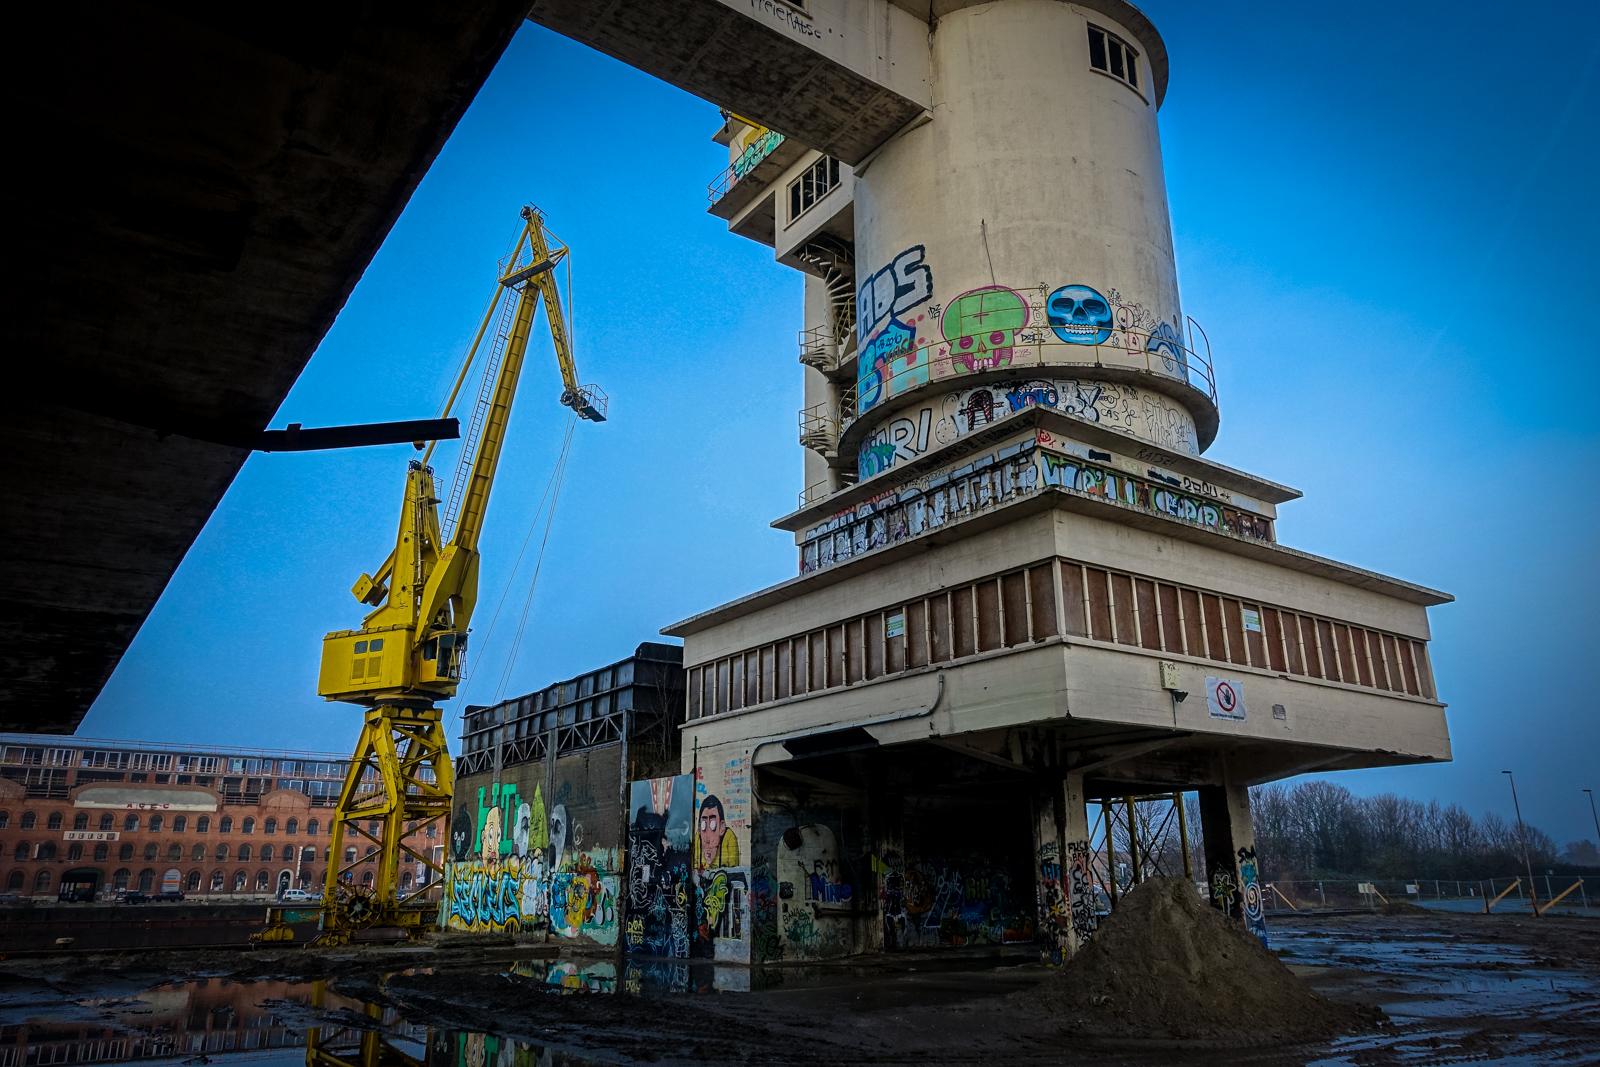 streetart & graffiti @ dok gent